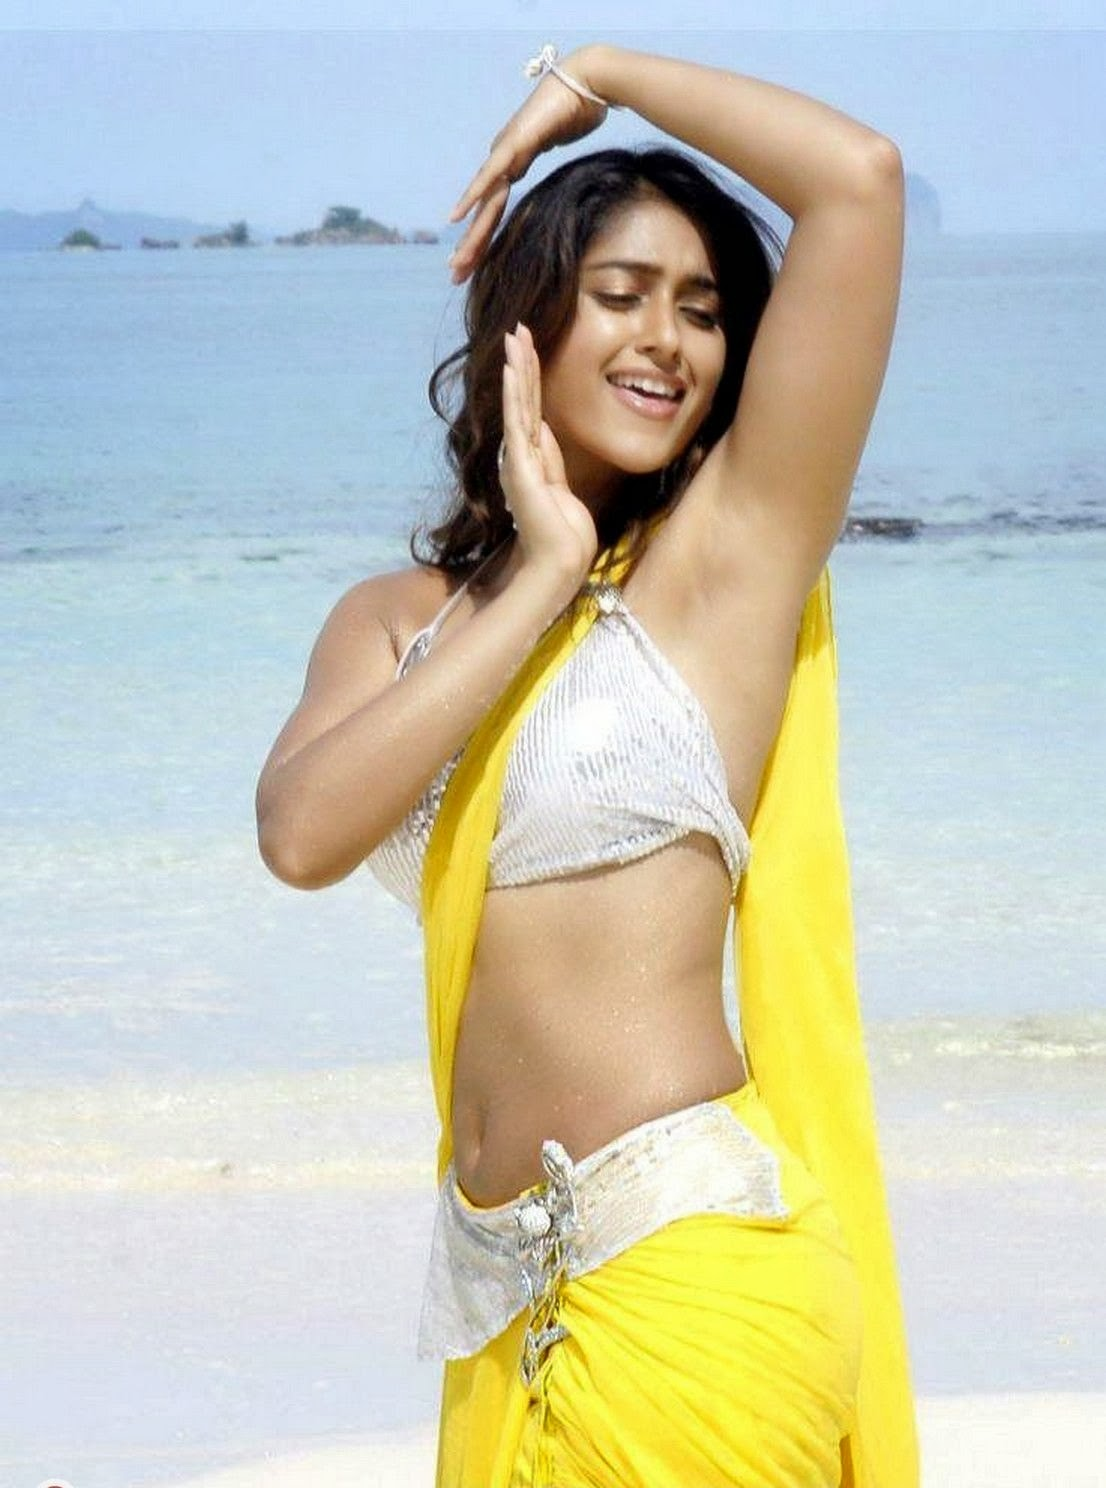 Indian Film Actress Ileana Dcruz Hot Photos And -7528